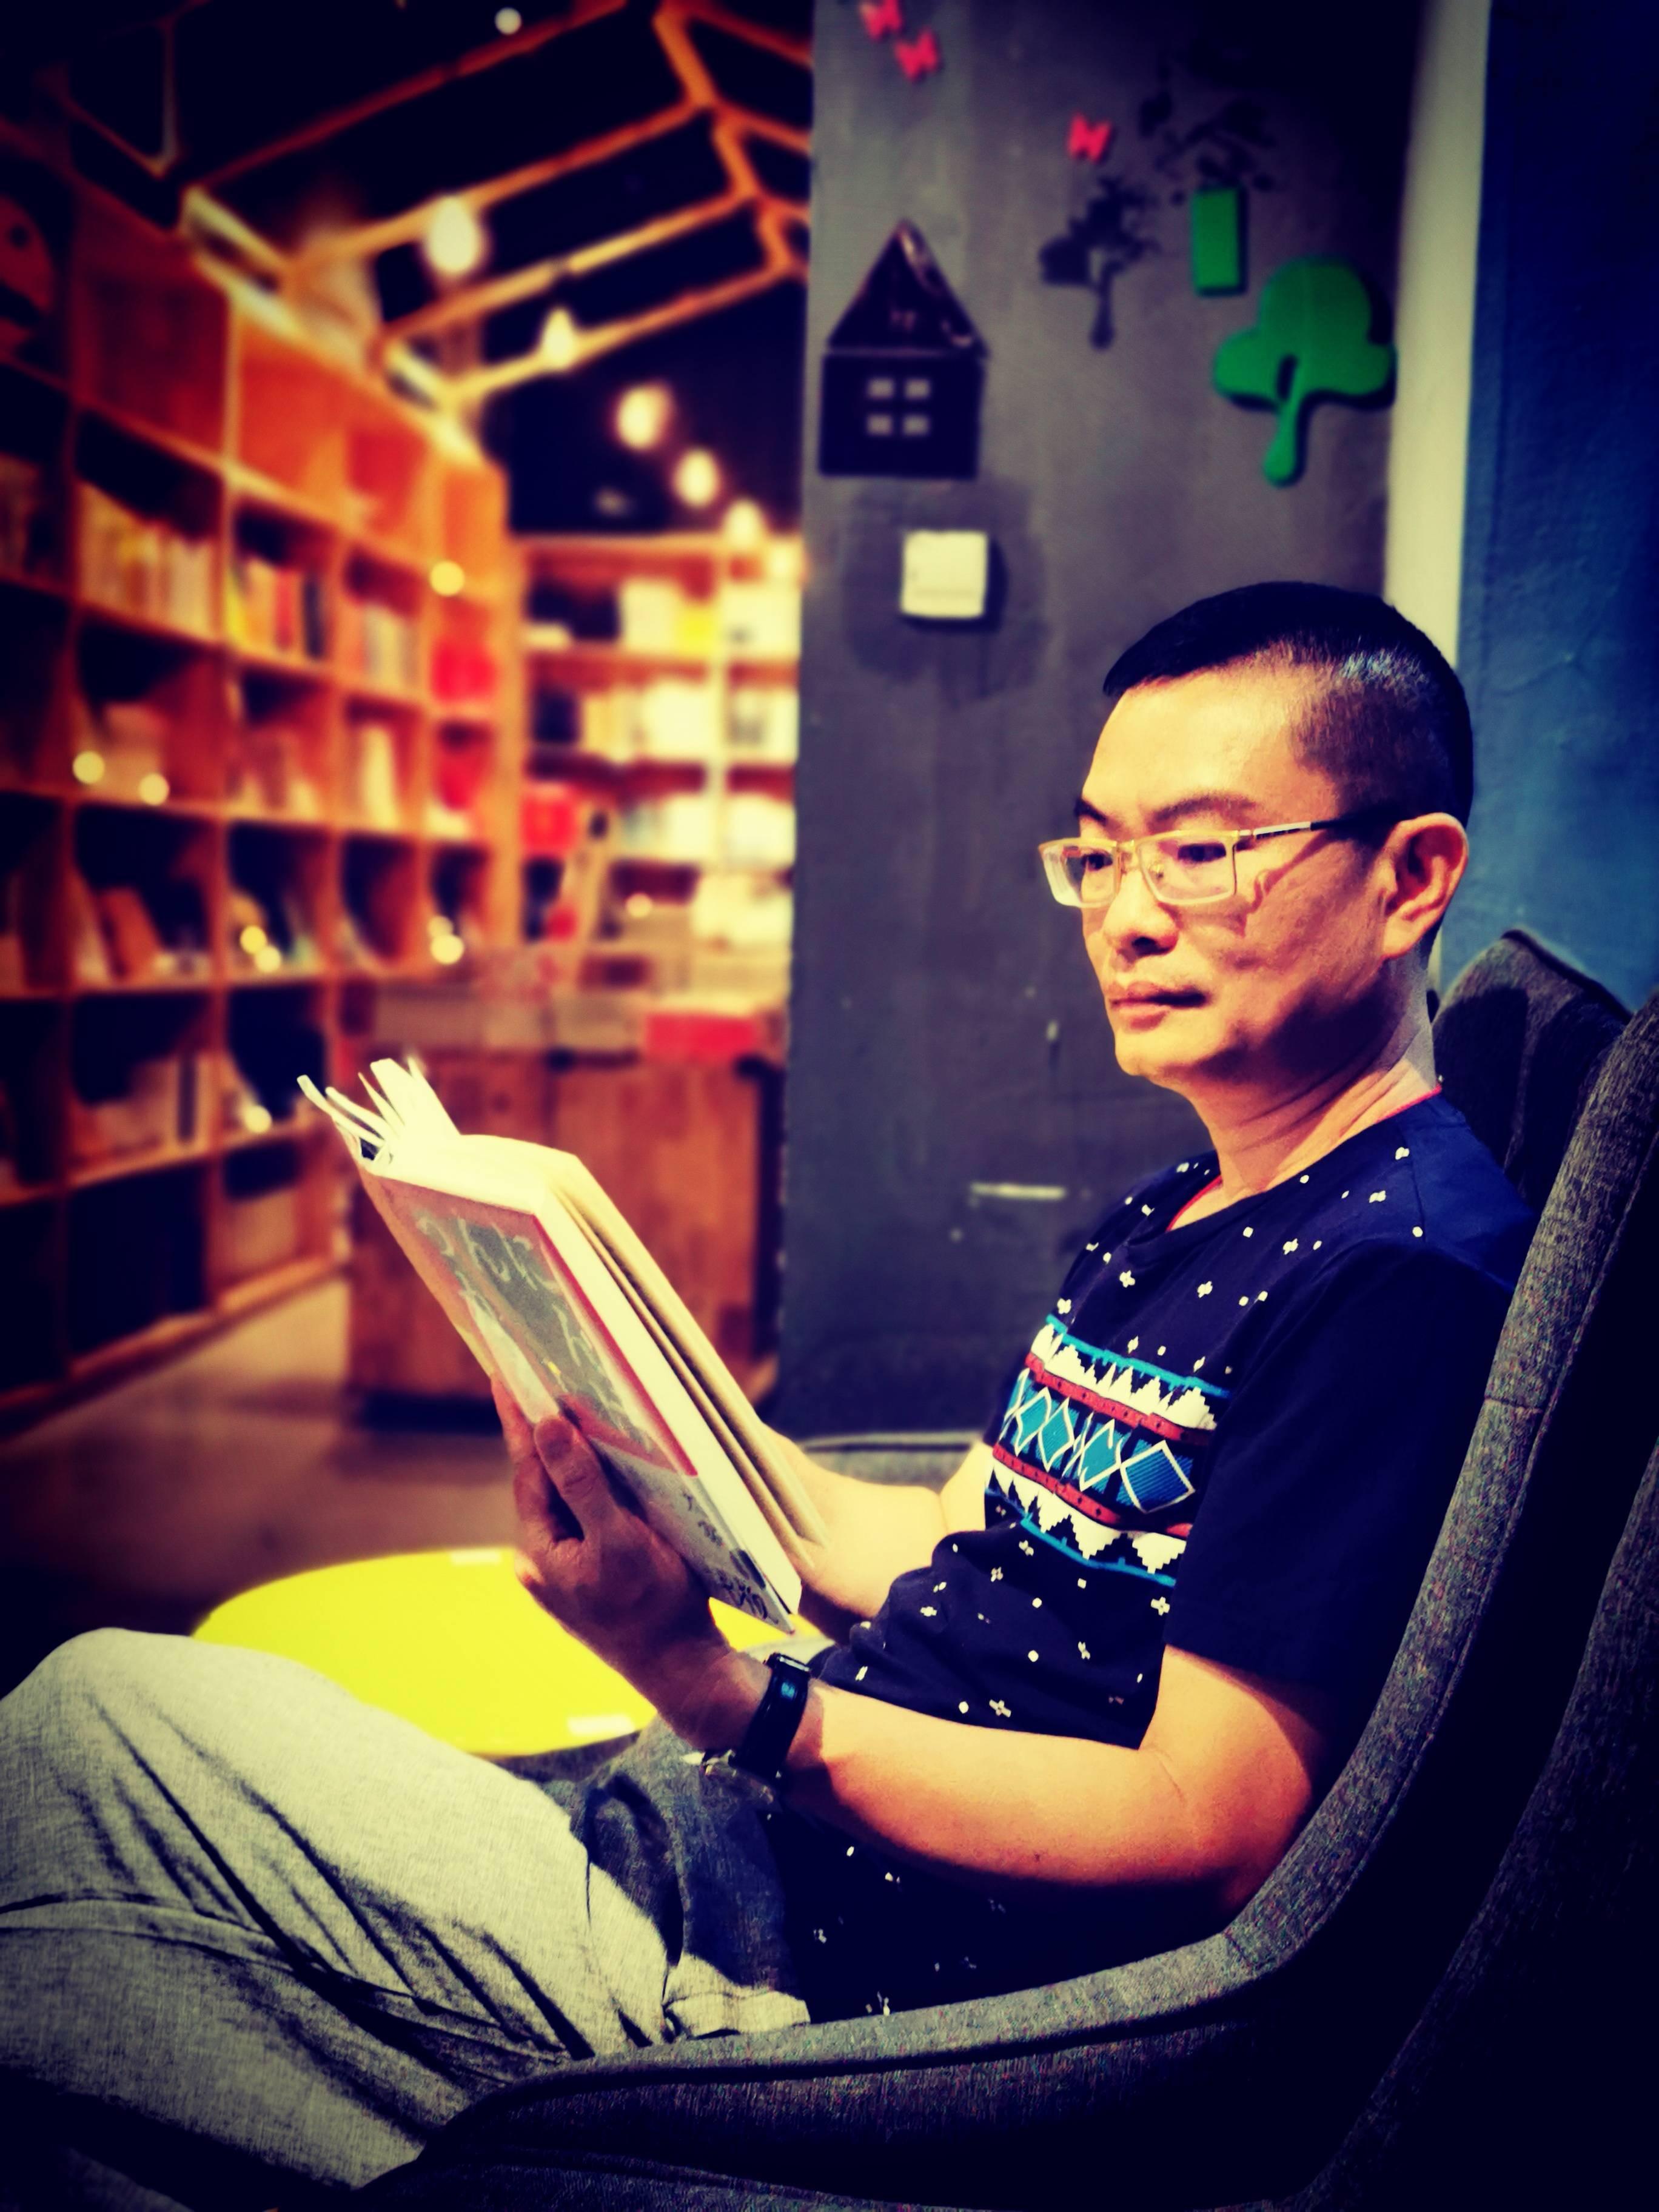 青年作家网签约专家专访‖关亮荣:以文字拓印时光、读懂彼此